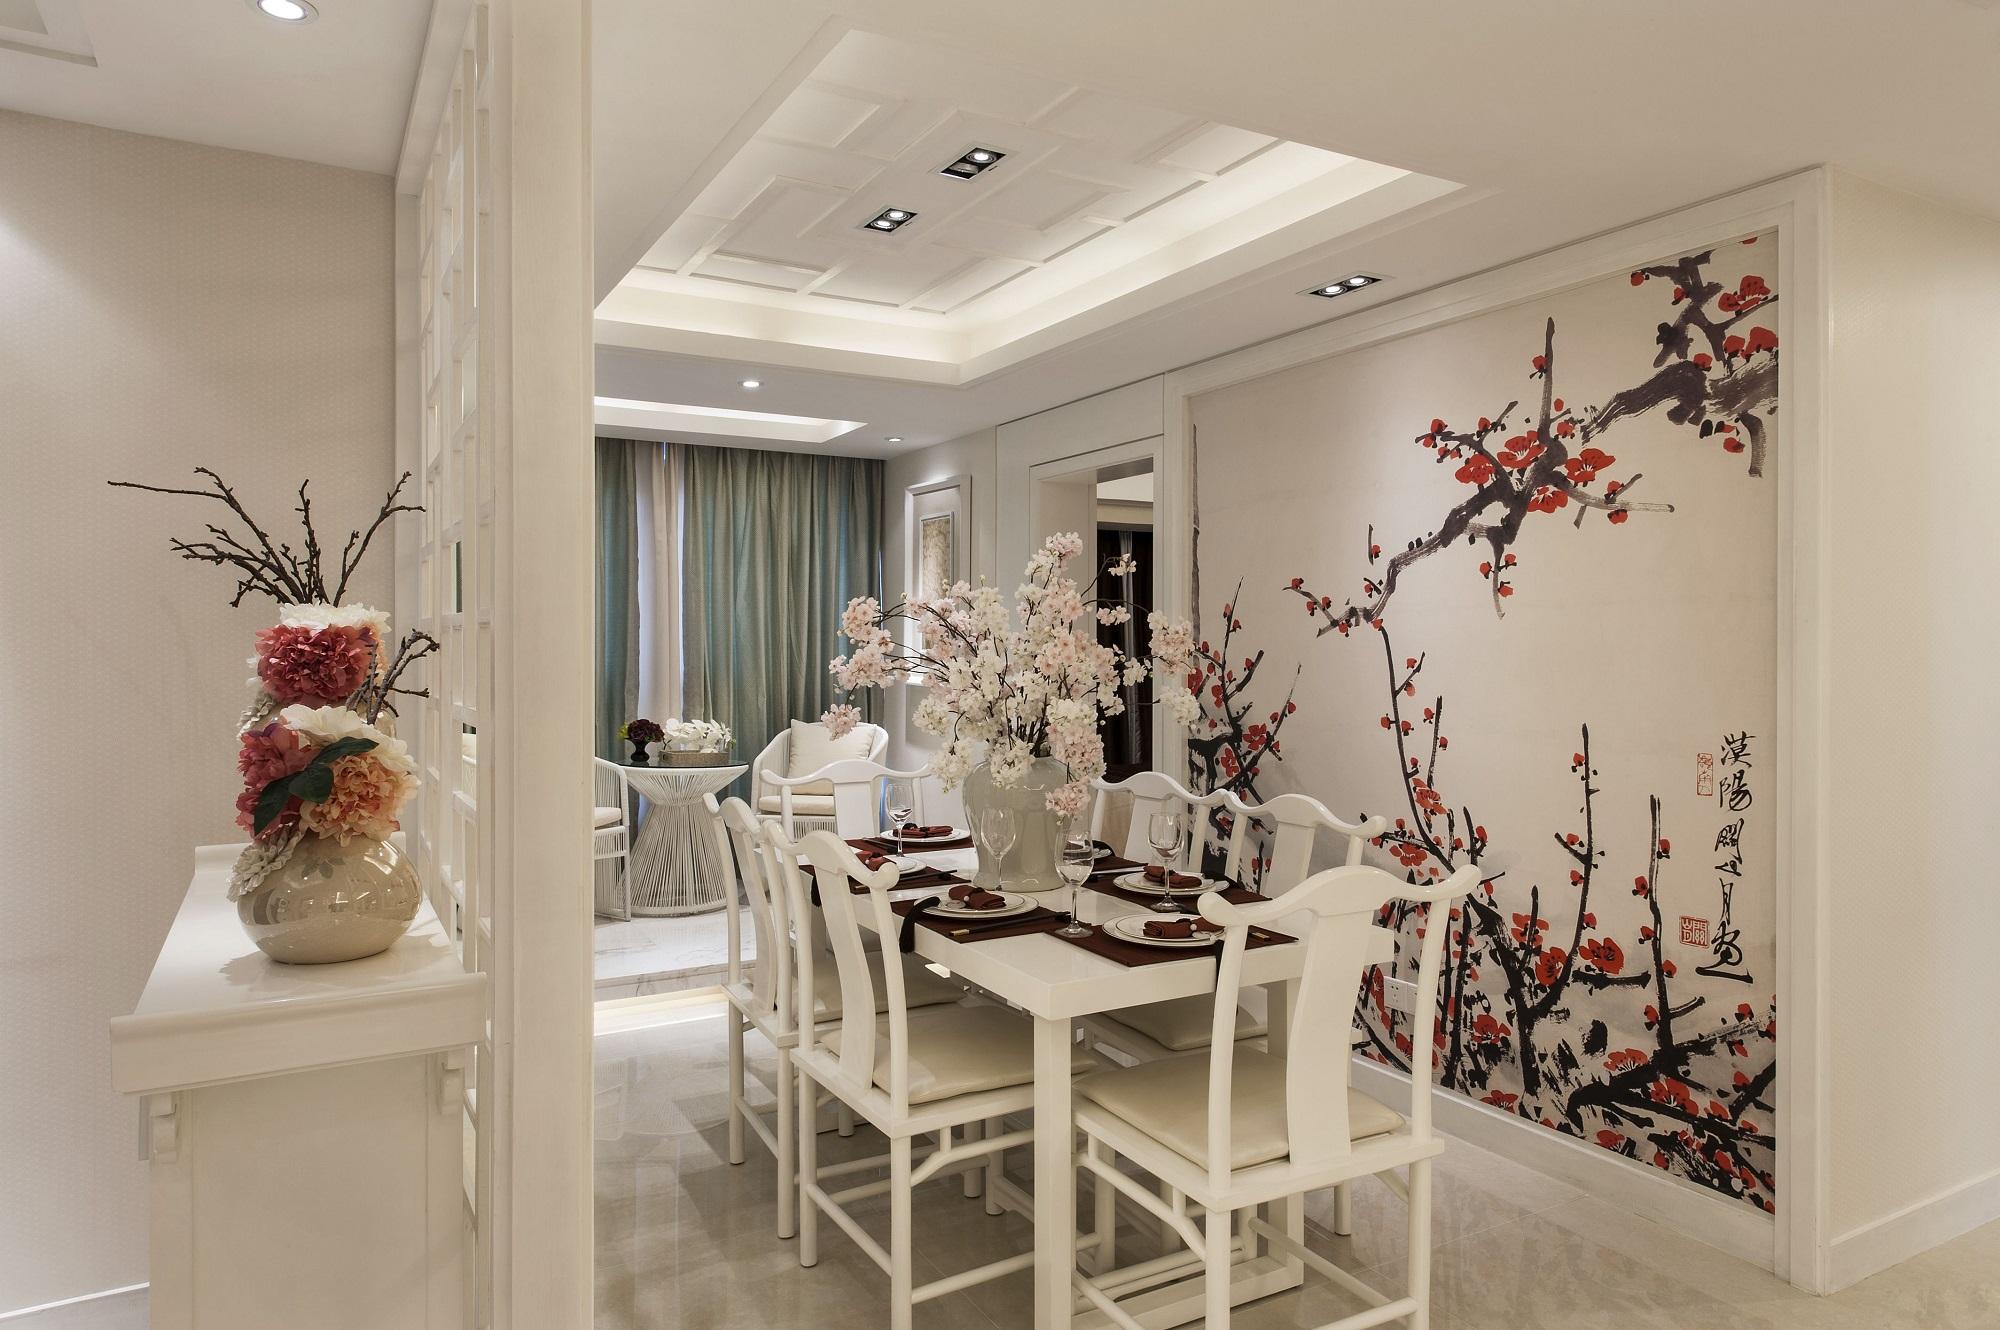 餐厅延续整体空间的格调,梅花图案的背景墙将中式特点体现的淋漓尽致,也为素雅的空间起到了画龙点睛的作用